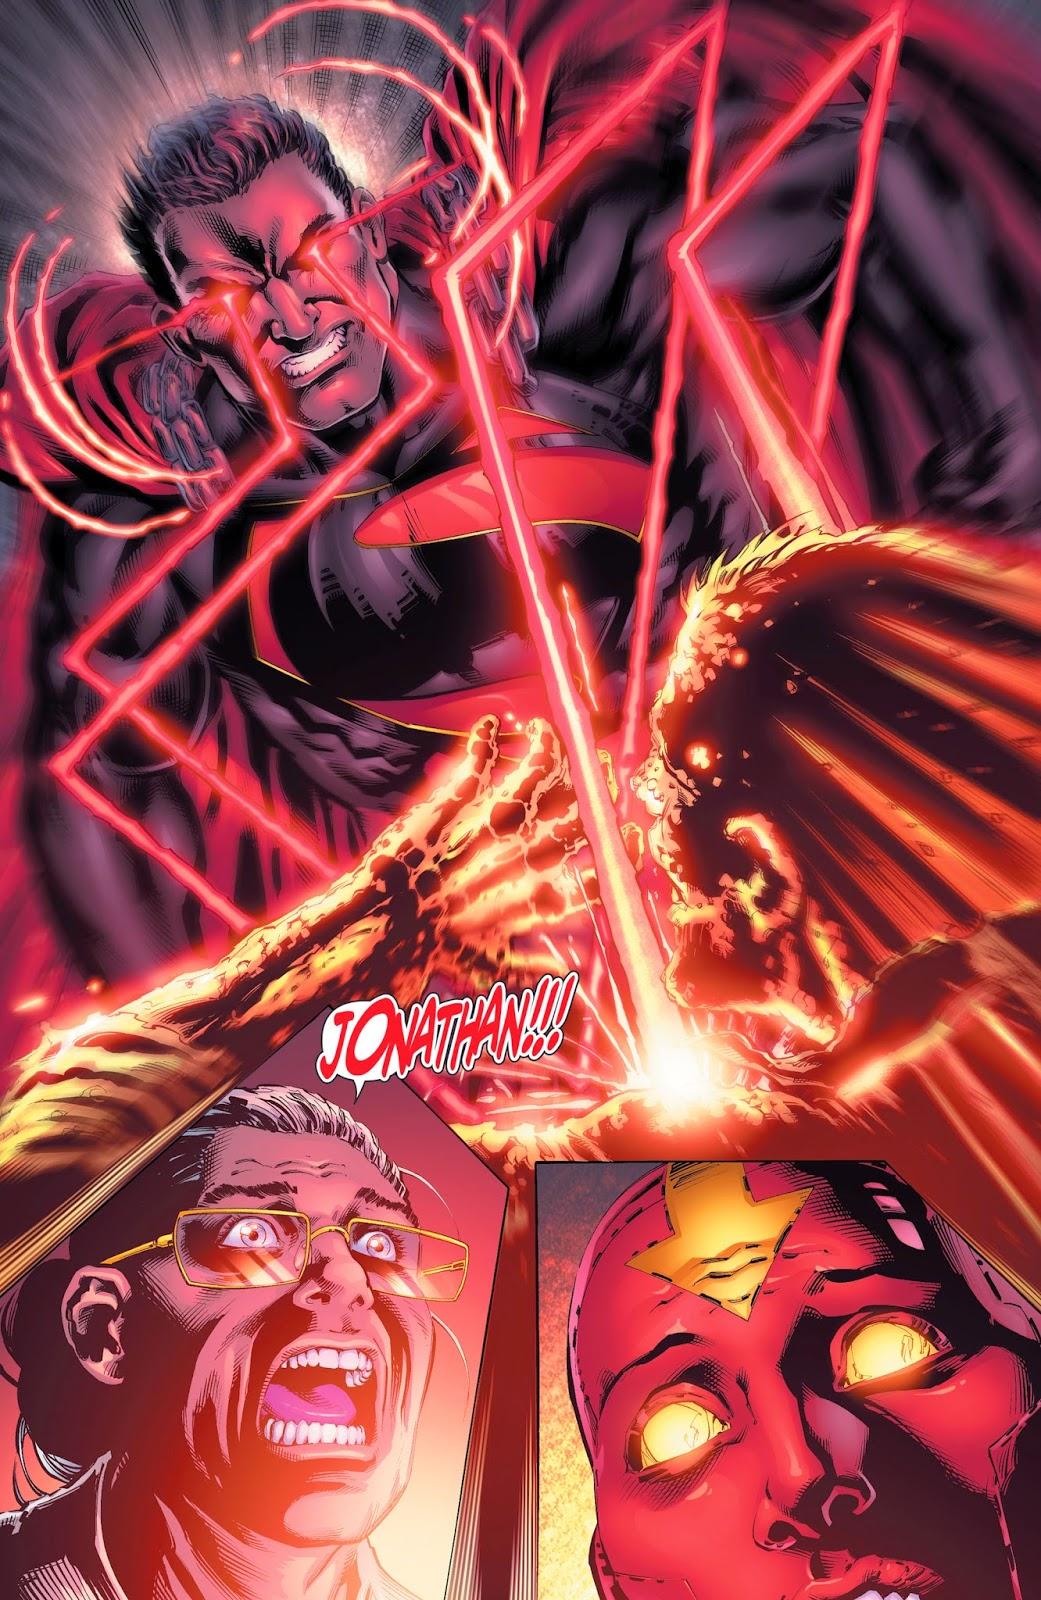 Kal-El kills JK